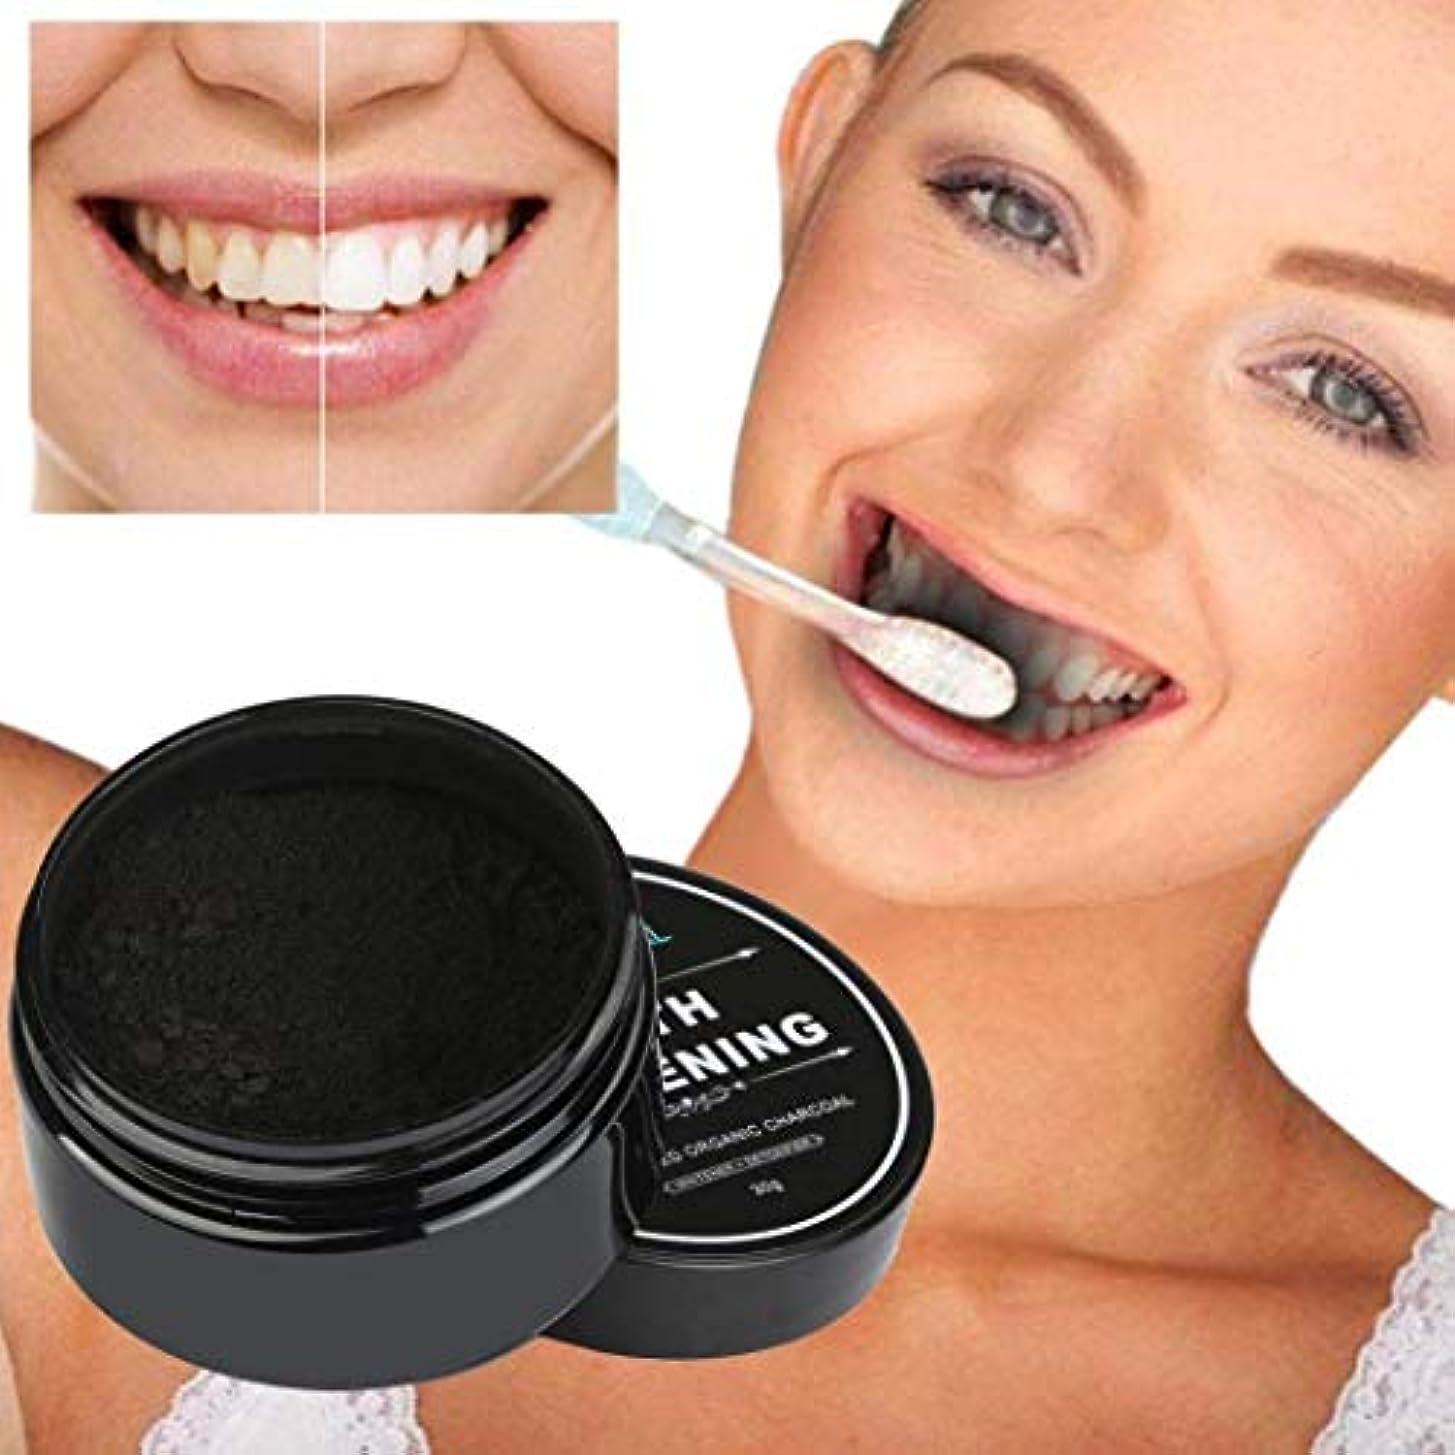 減衰血オンスGgorw 歯のホワイトニング 竹炭 美白歯磨きパウダー オーラルケア ハミガキ粉 ホワイトニング活性炭 口臭消去